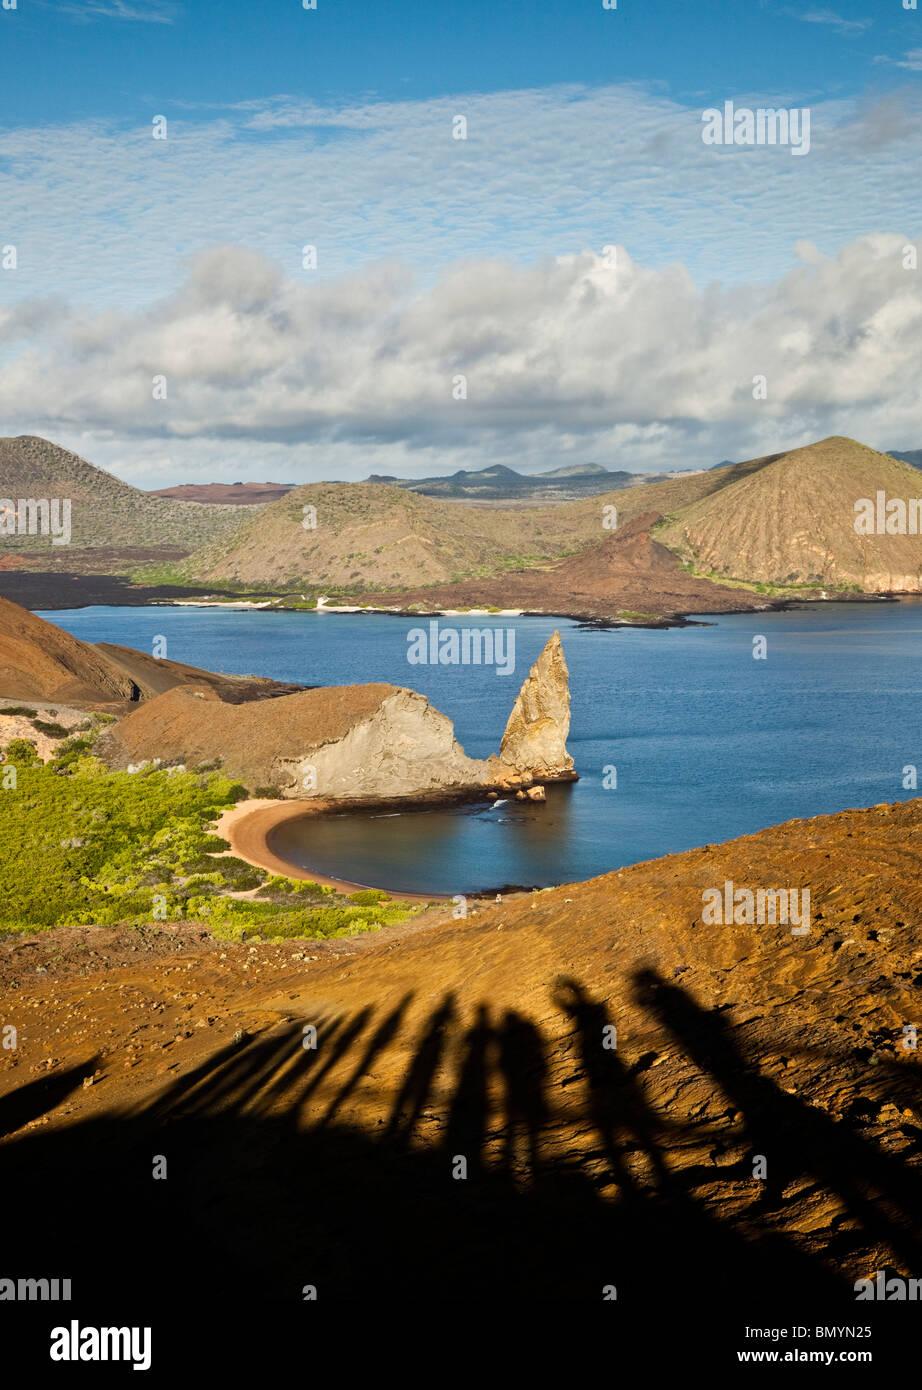 Sombras de turistas viendo bartolome isla de San Salvador en la distancia en las Islas Galápagos Imagen De Stock